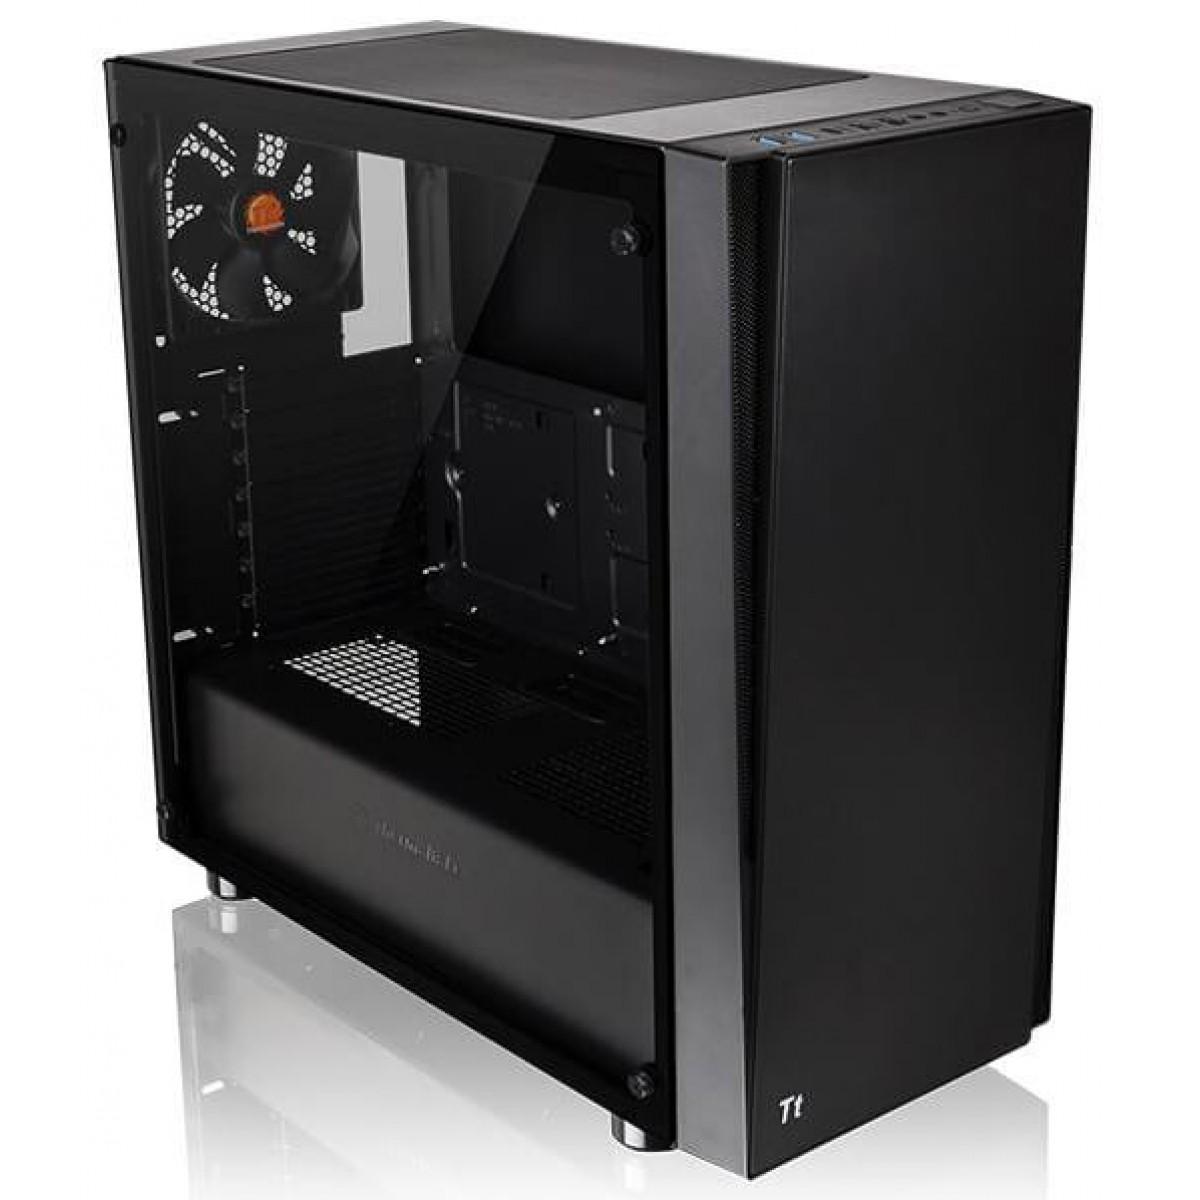 Gabinete Gamer Thermaltake Versa J21 TG, Mid Tower, Sem Fan, Vidro Temperado, Black, Com Fonte 600w, CA-3K1-60M1WZ-00